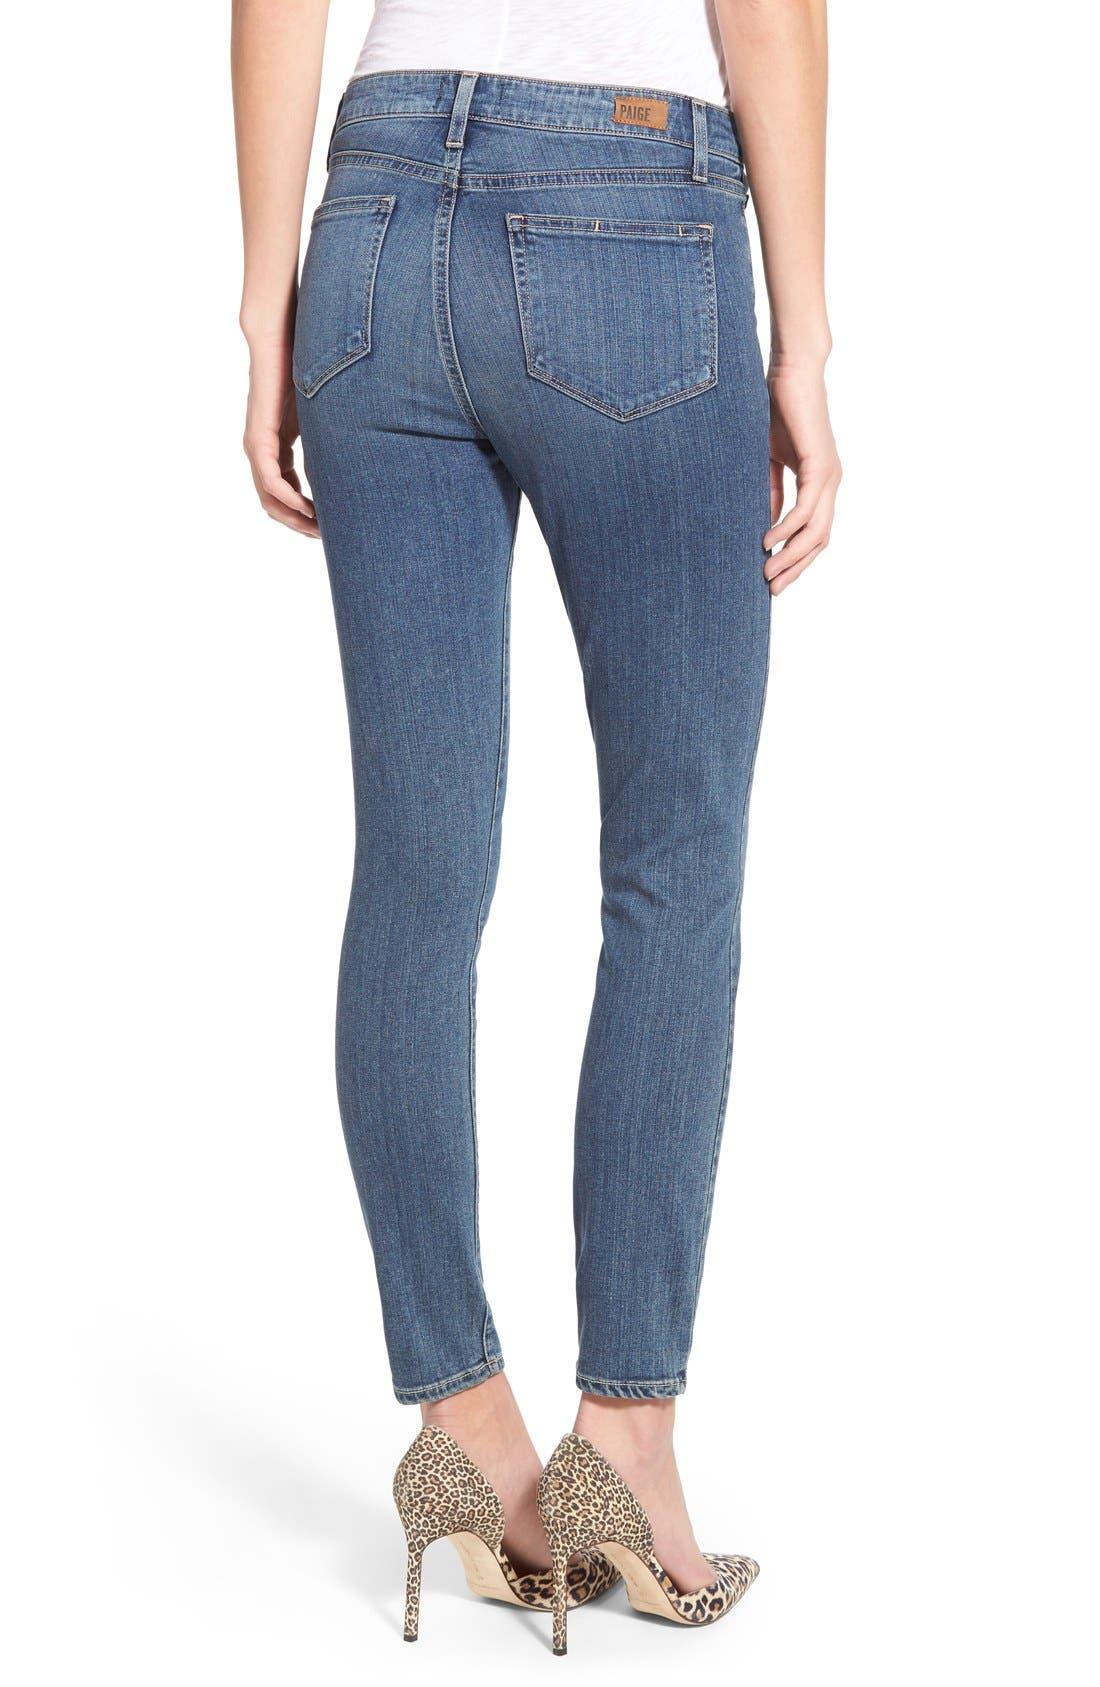 Alternate Image 2  - Paige Denim 'Transcend - Hoxton' High Rise Ankle Ultra Skinny Jeans (Linden)